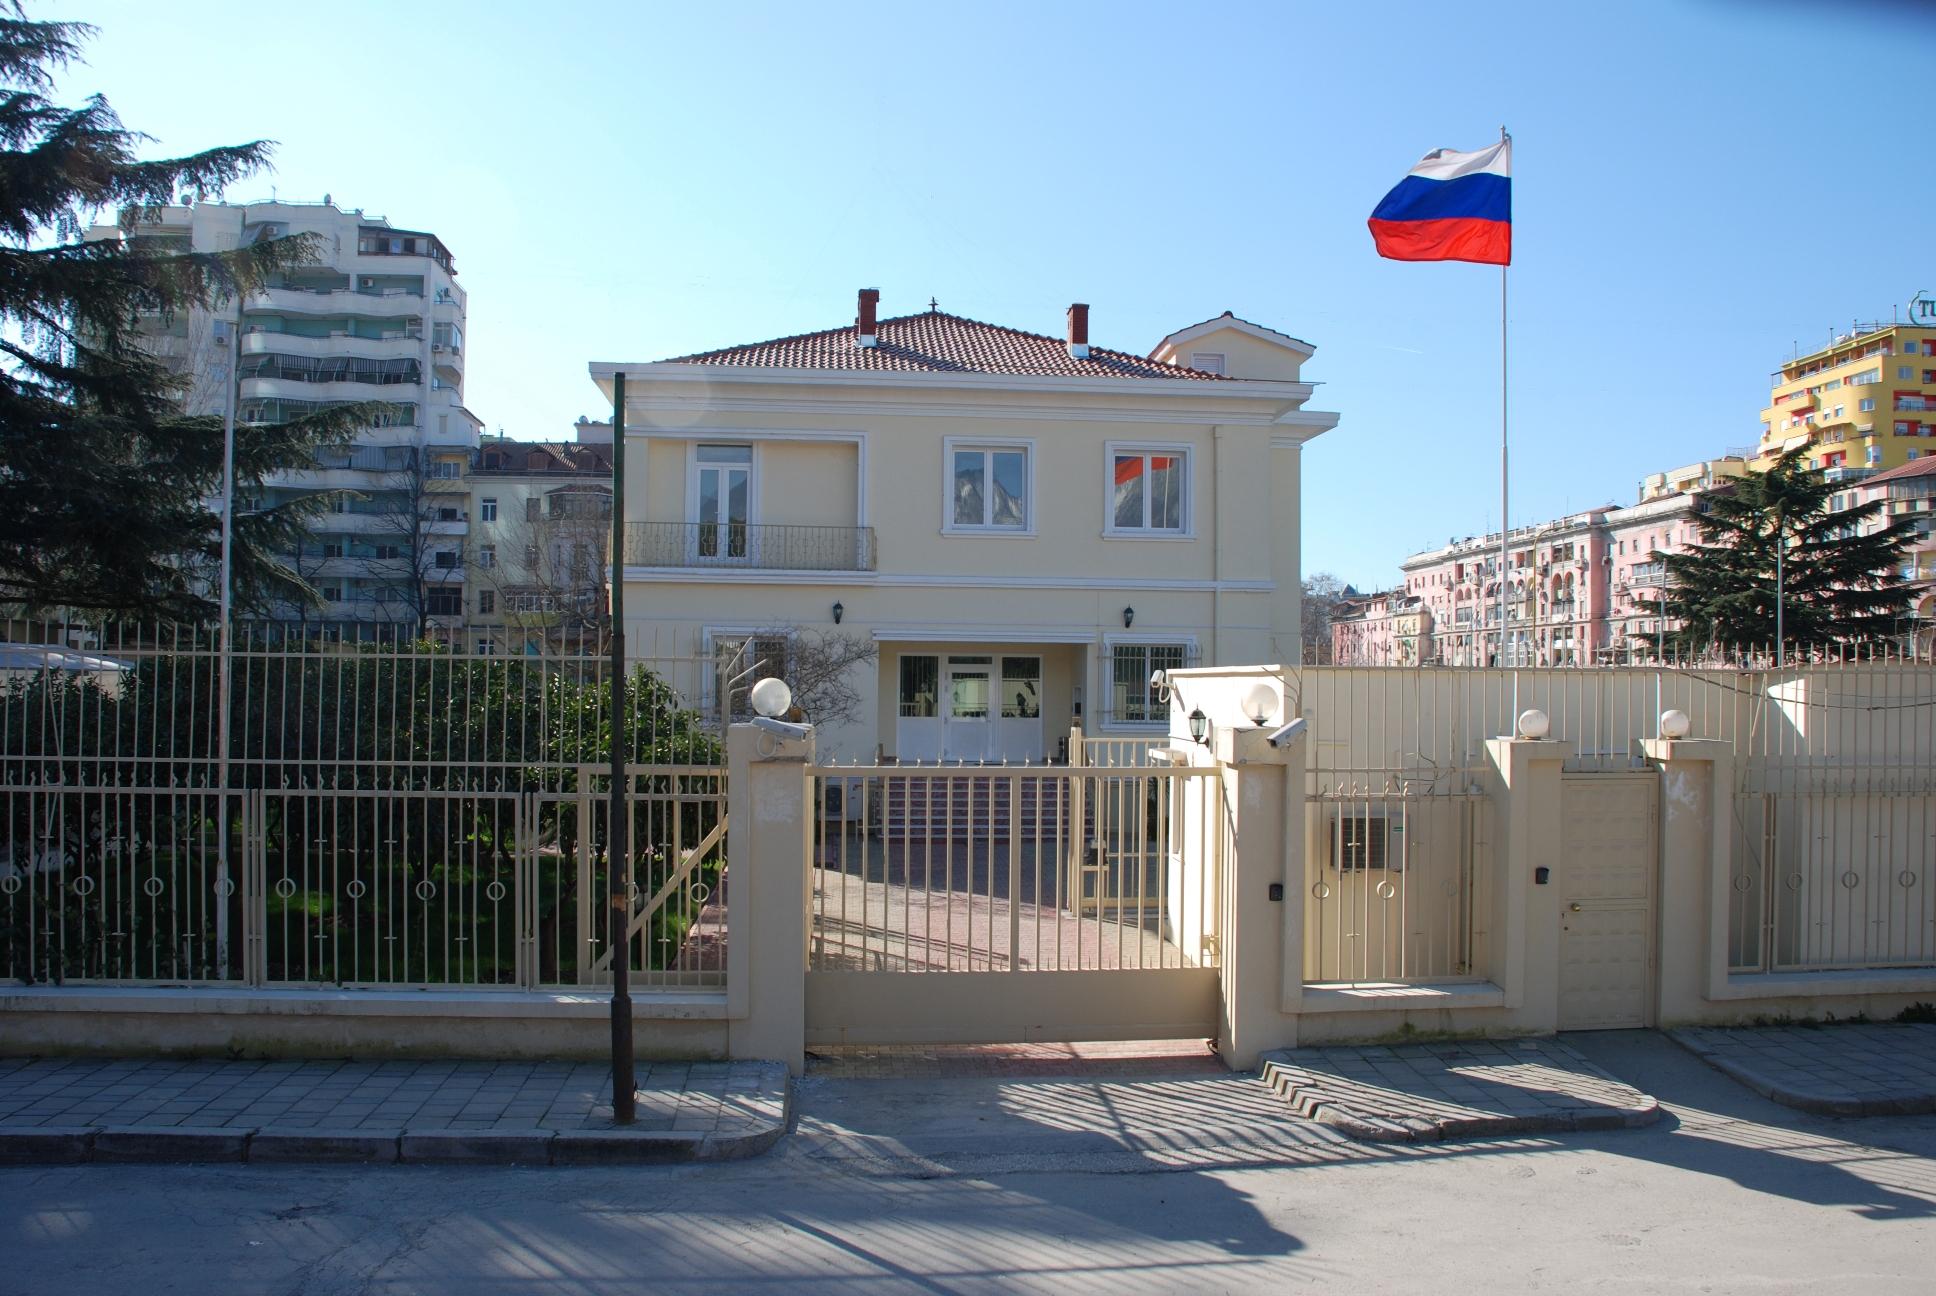 ALBANIJA PROTJERUJE RUSKOG DIPLOMATU! Mora napustiti zemlju u roku od 72 sata!